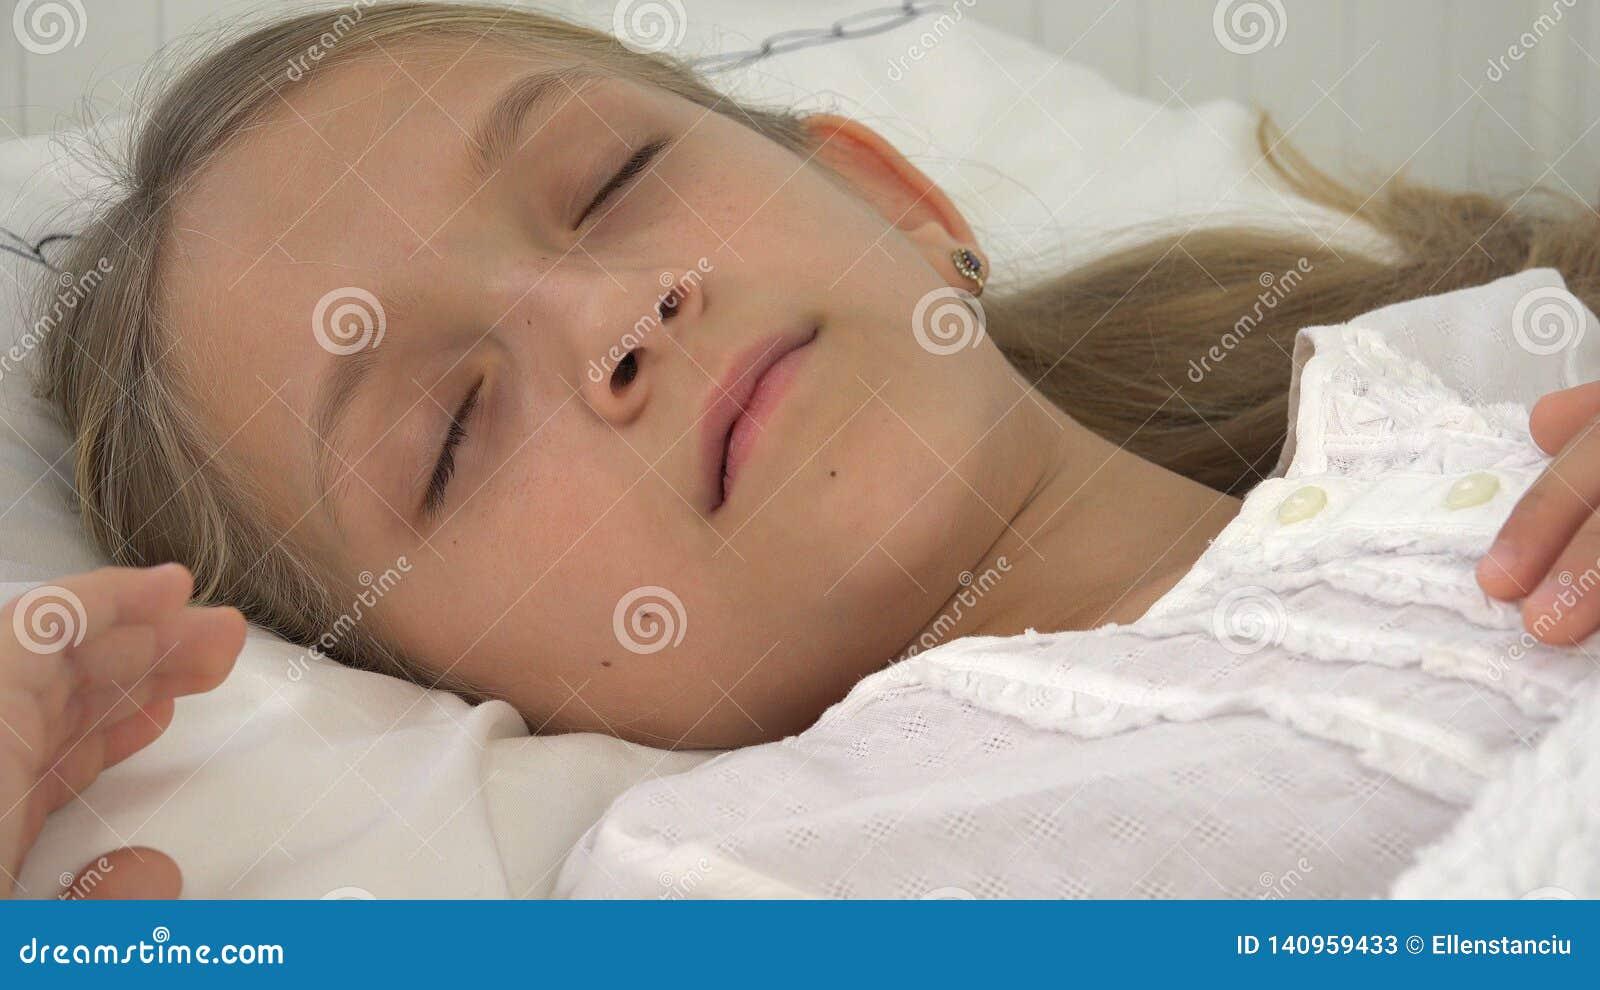 Criança doente na cama, criança doente com termômetro, menina no hospital, medicina dos comprimidos